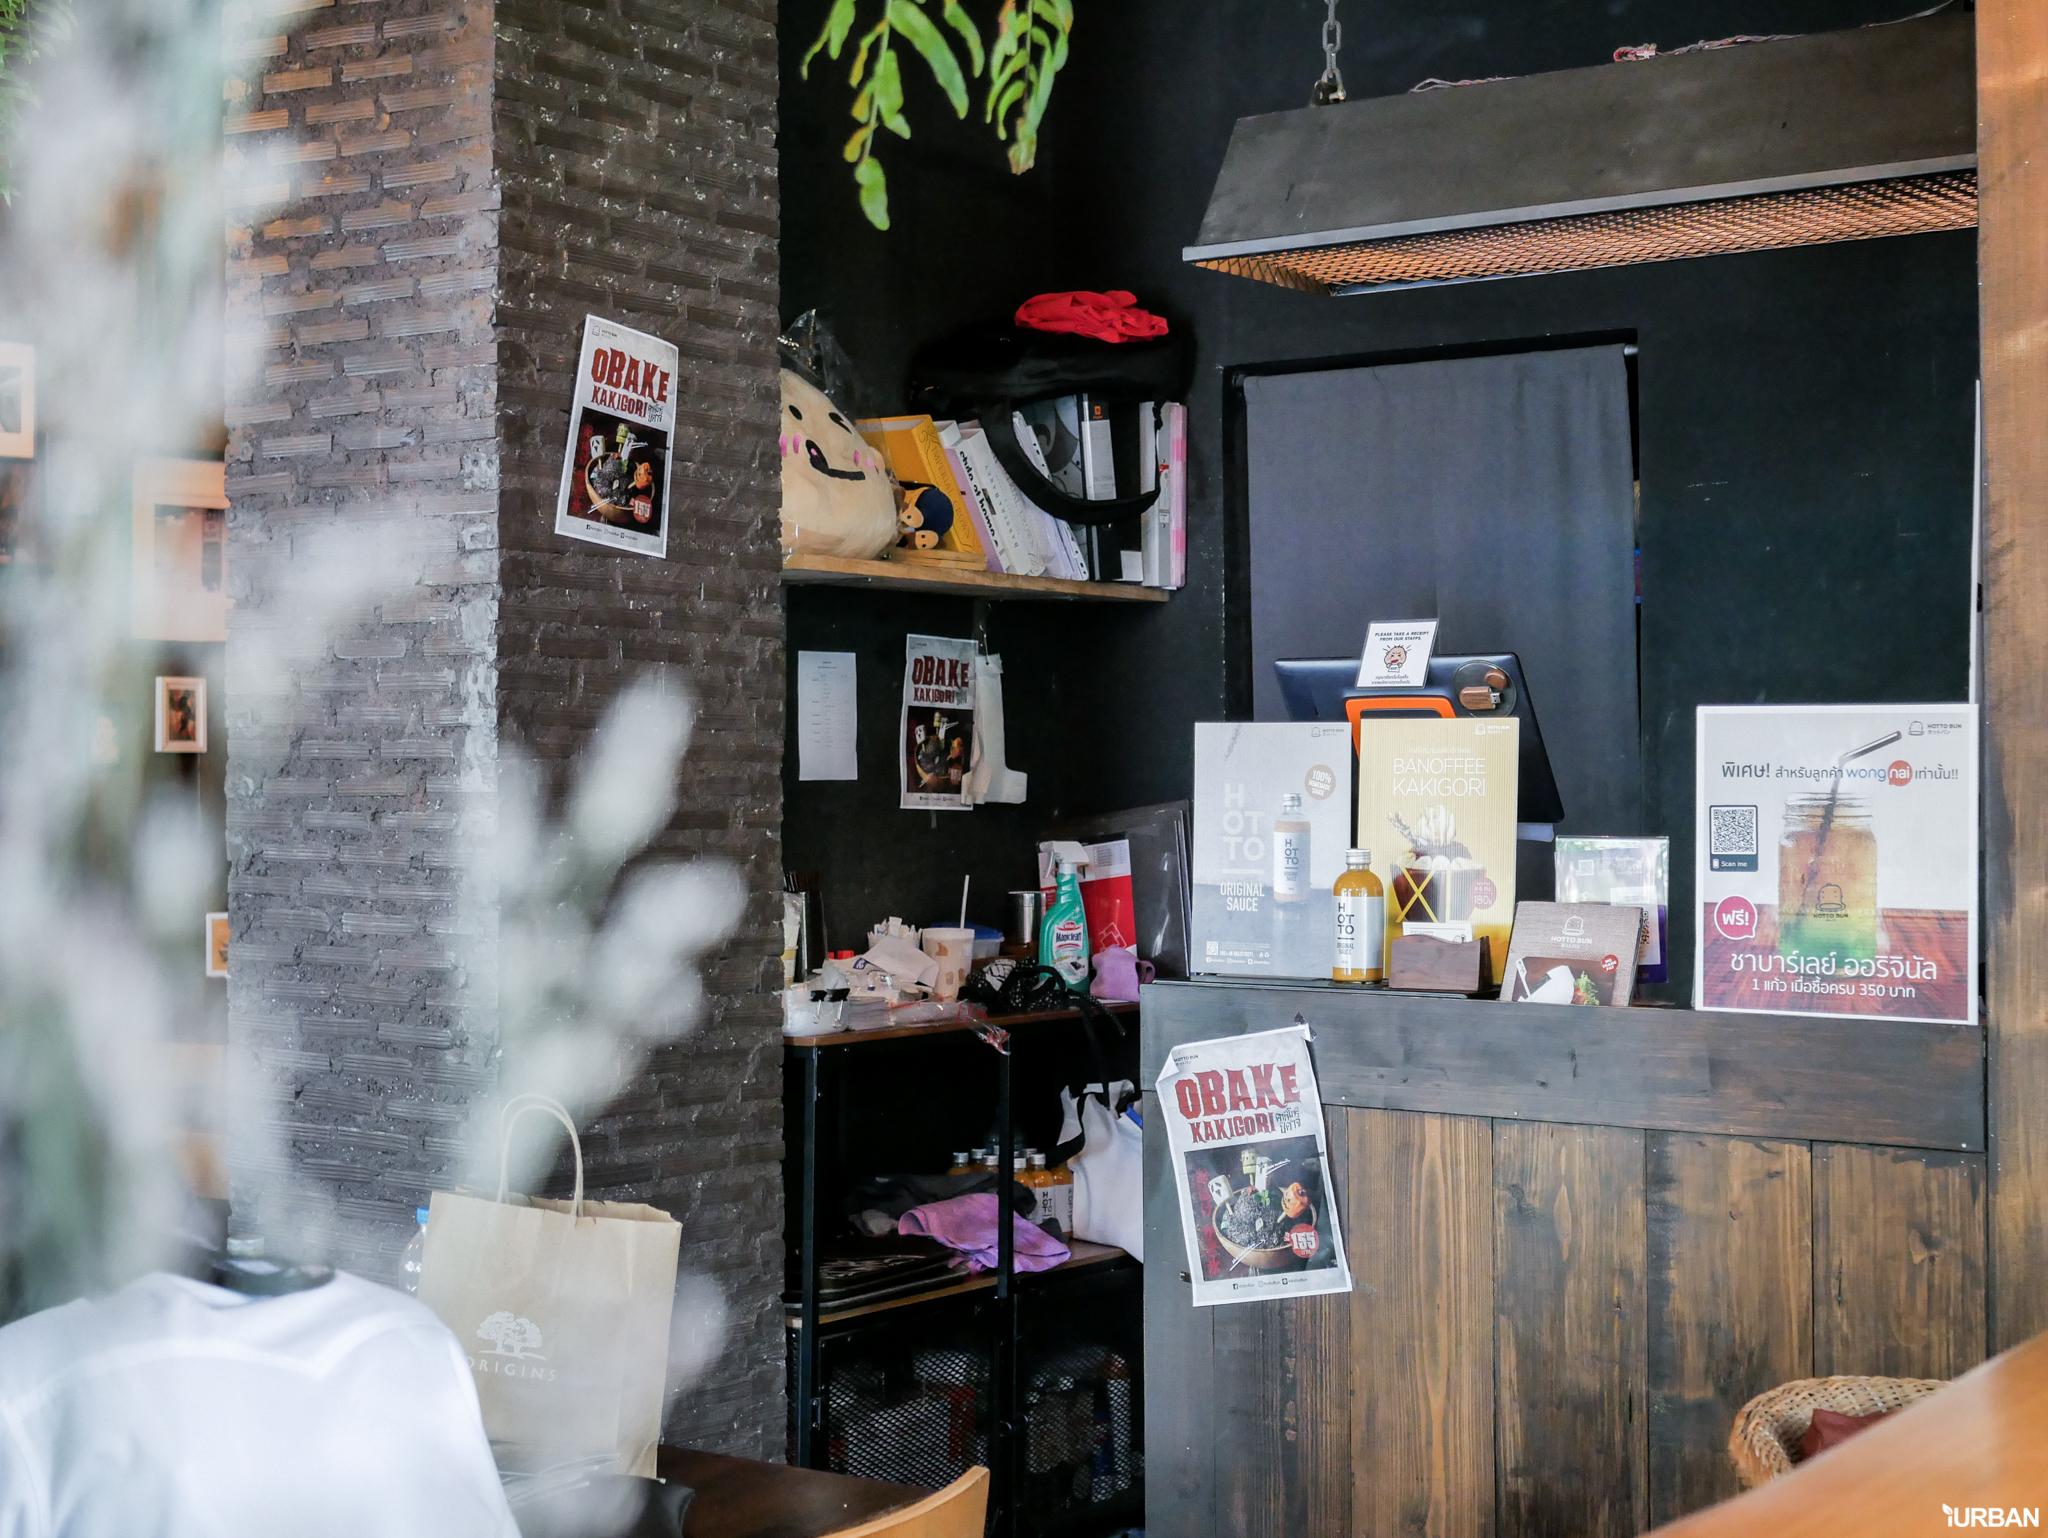 14 ร้านกาแฟ ม.เกษตร คาเฟ่สไตล์นักศึกษาและคนทำงาน + สำรวจ Co-Working Space ที่ KENSINGTON KASET CAMPUS (เคนซิงตัน เกษตร แคมปัส) 69 - cafe